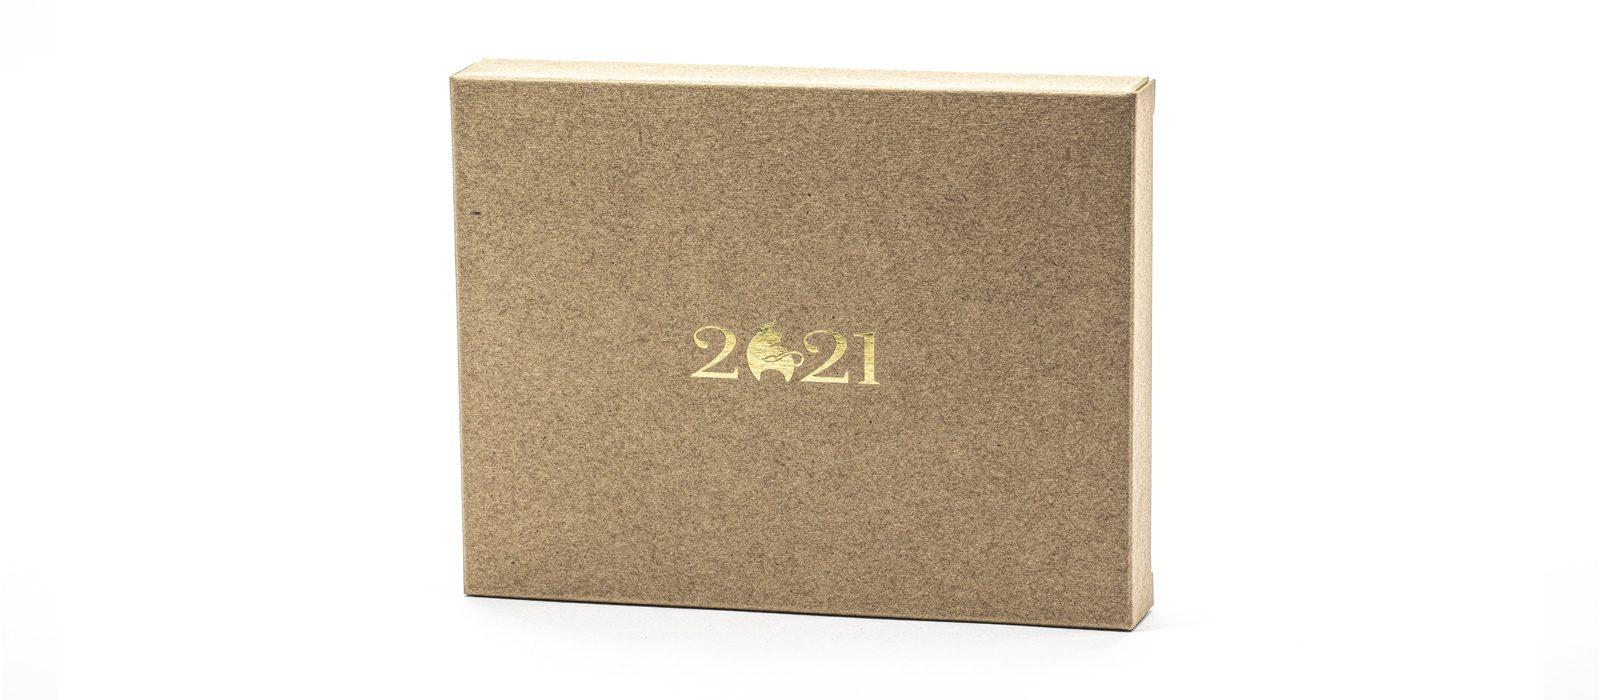 Календарь CLASSIC MINI 2021 на деревянной подставке.